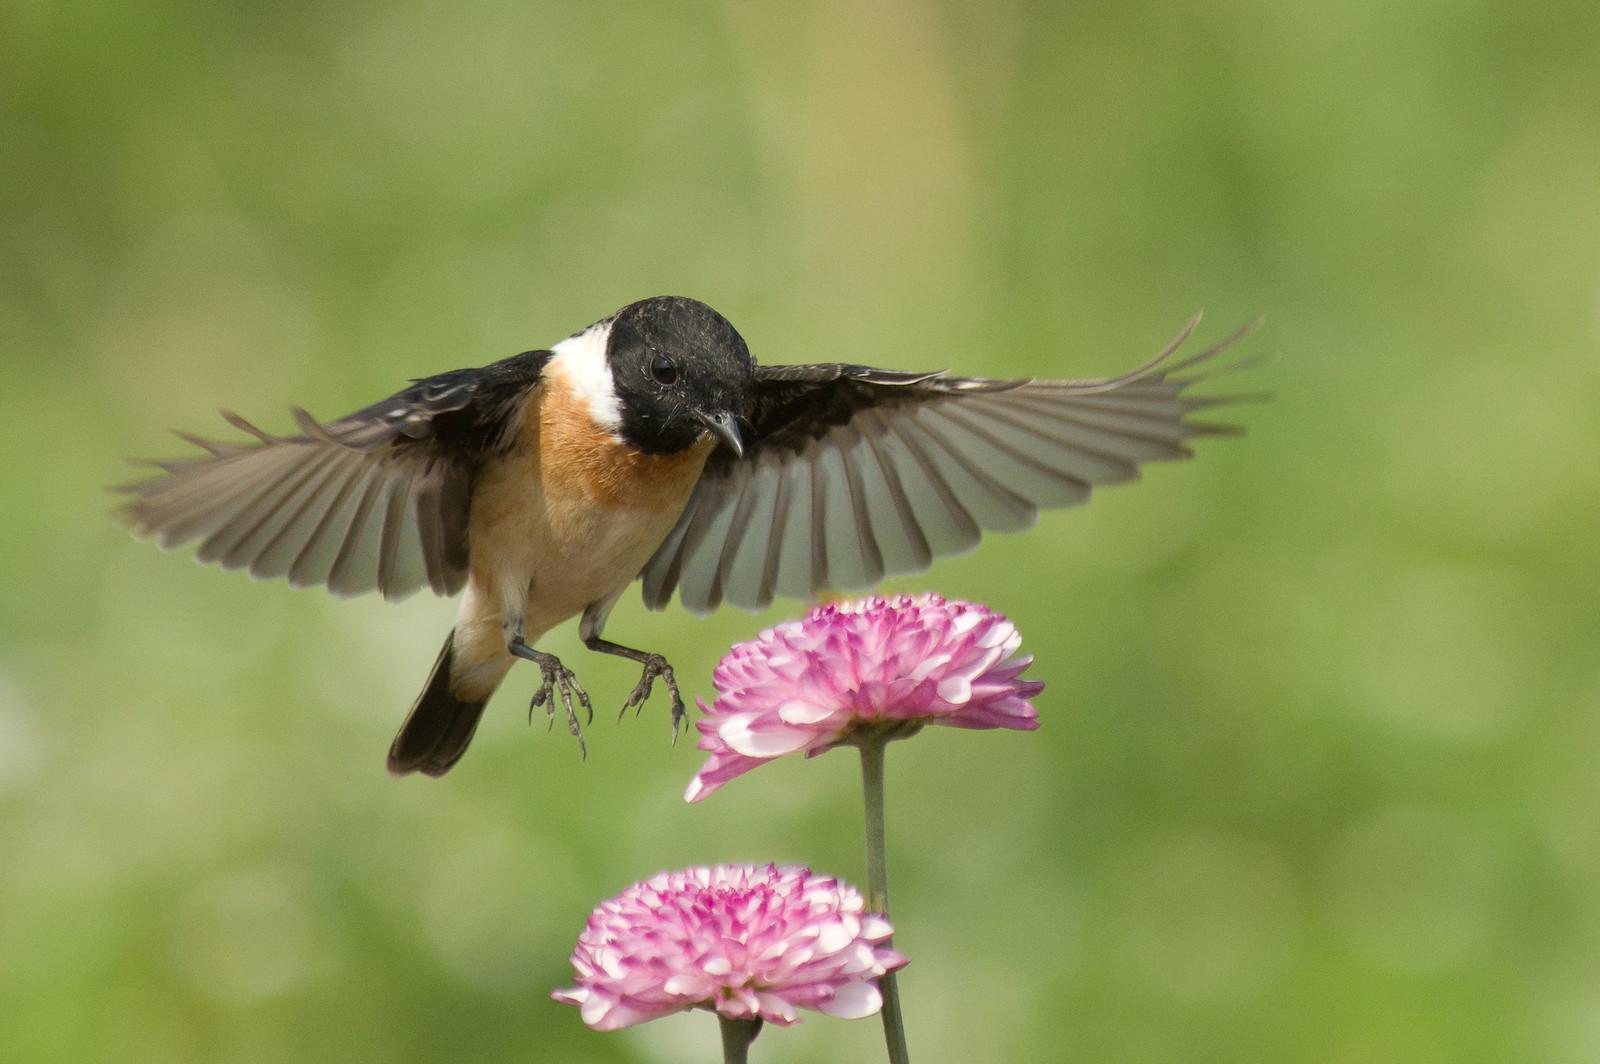 黑喉鴝與菊